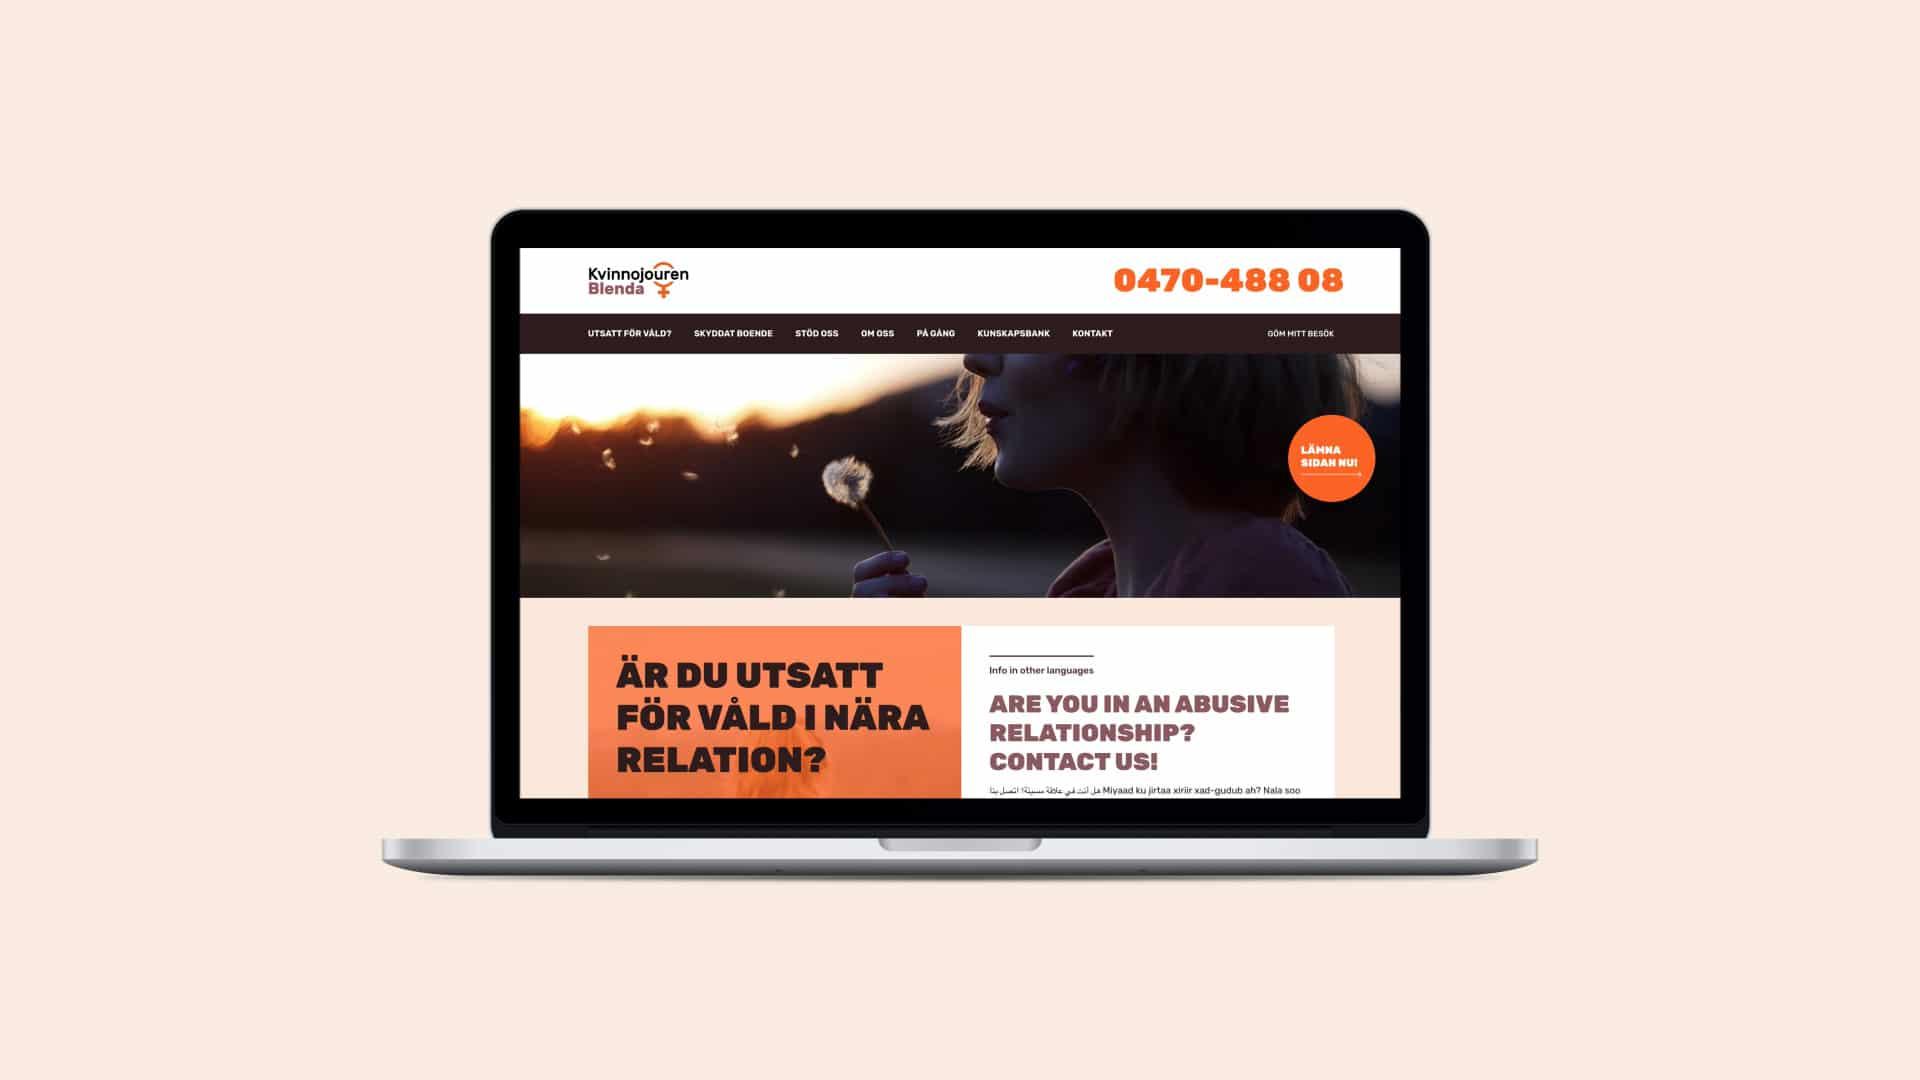 Webbplats för Kvinnojouren Blenda